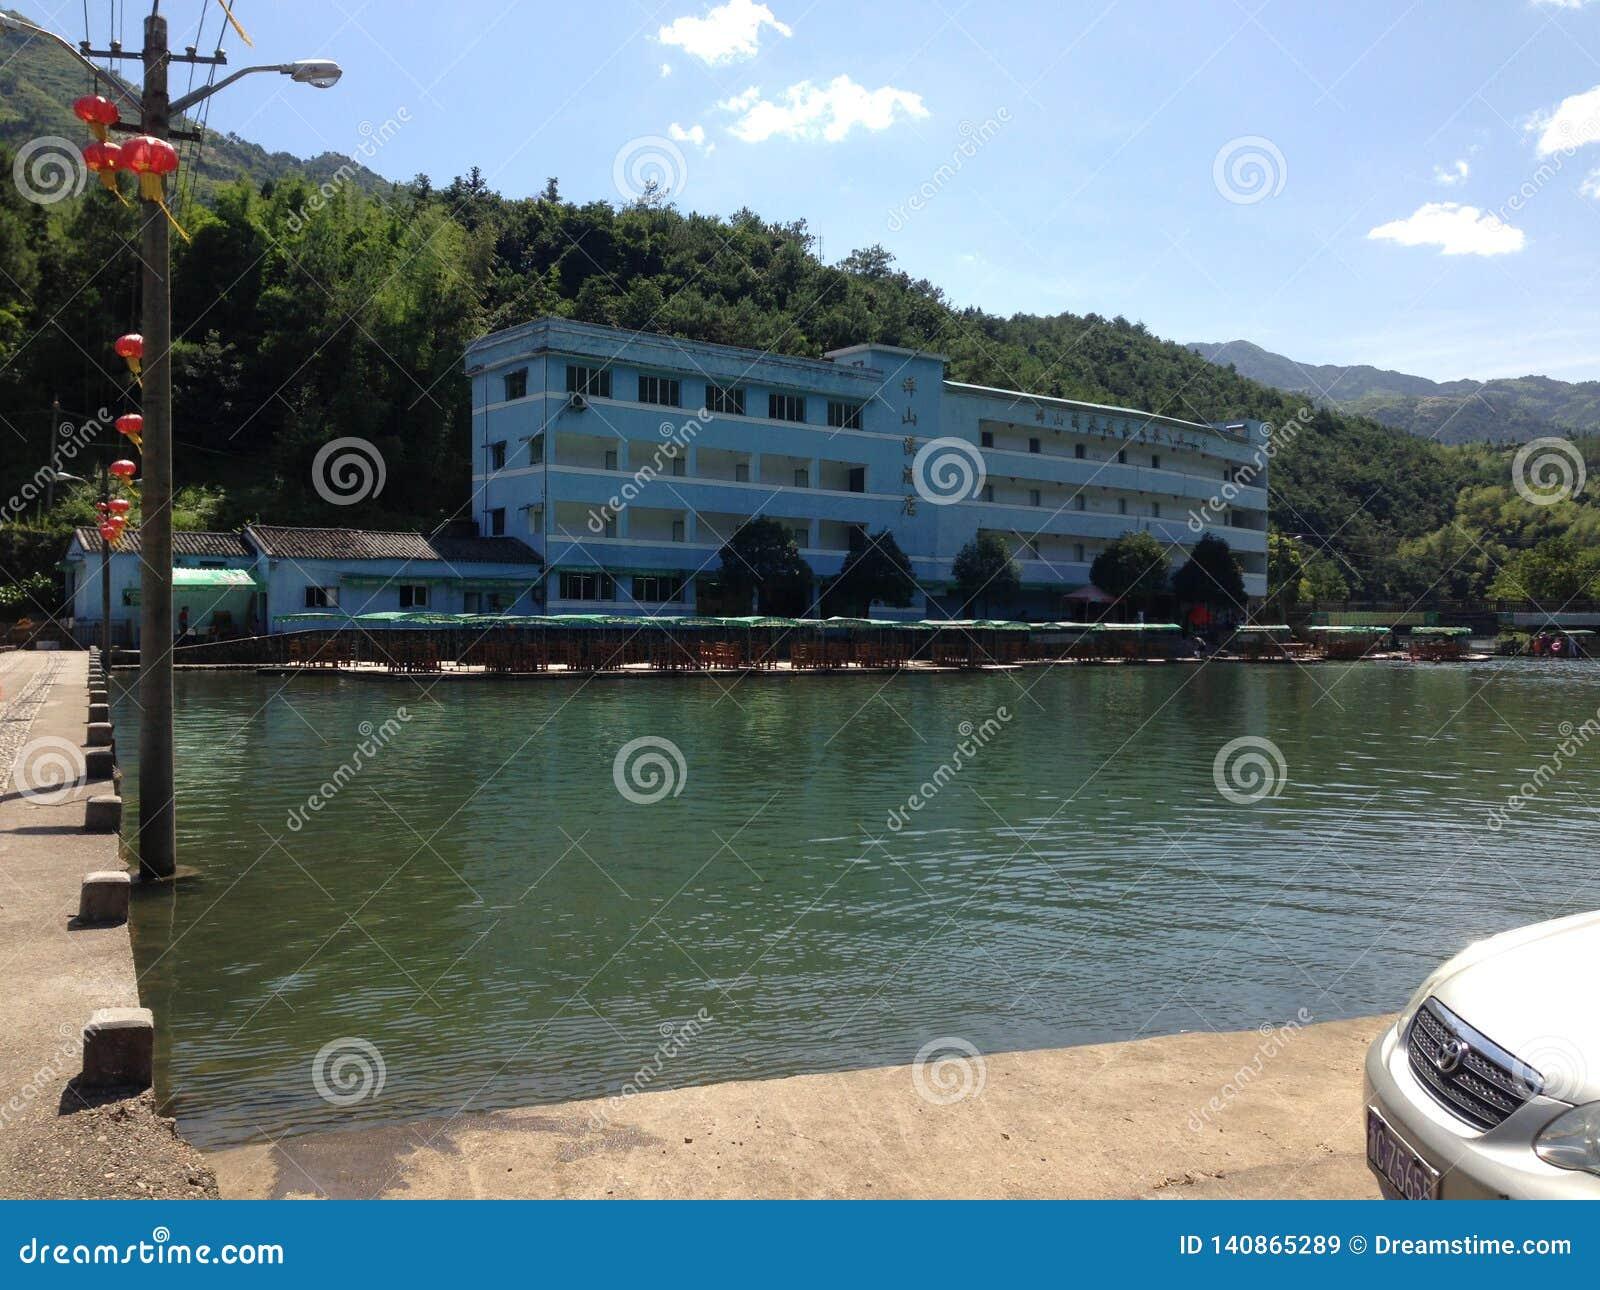 Sjösidalandskap i Kina i SummerSwimming i bergen av Kina i sommar